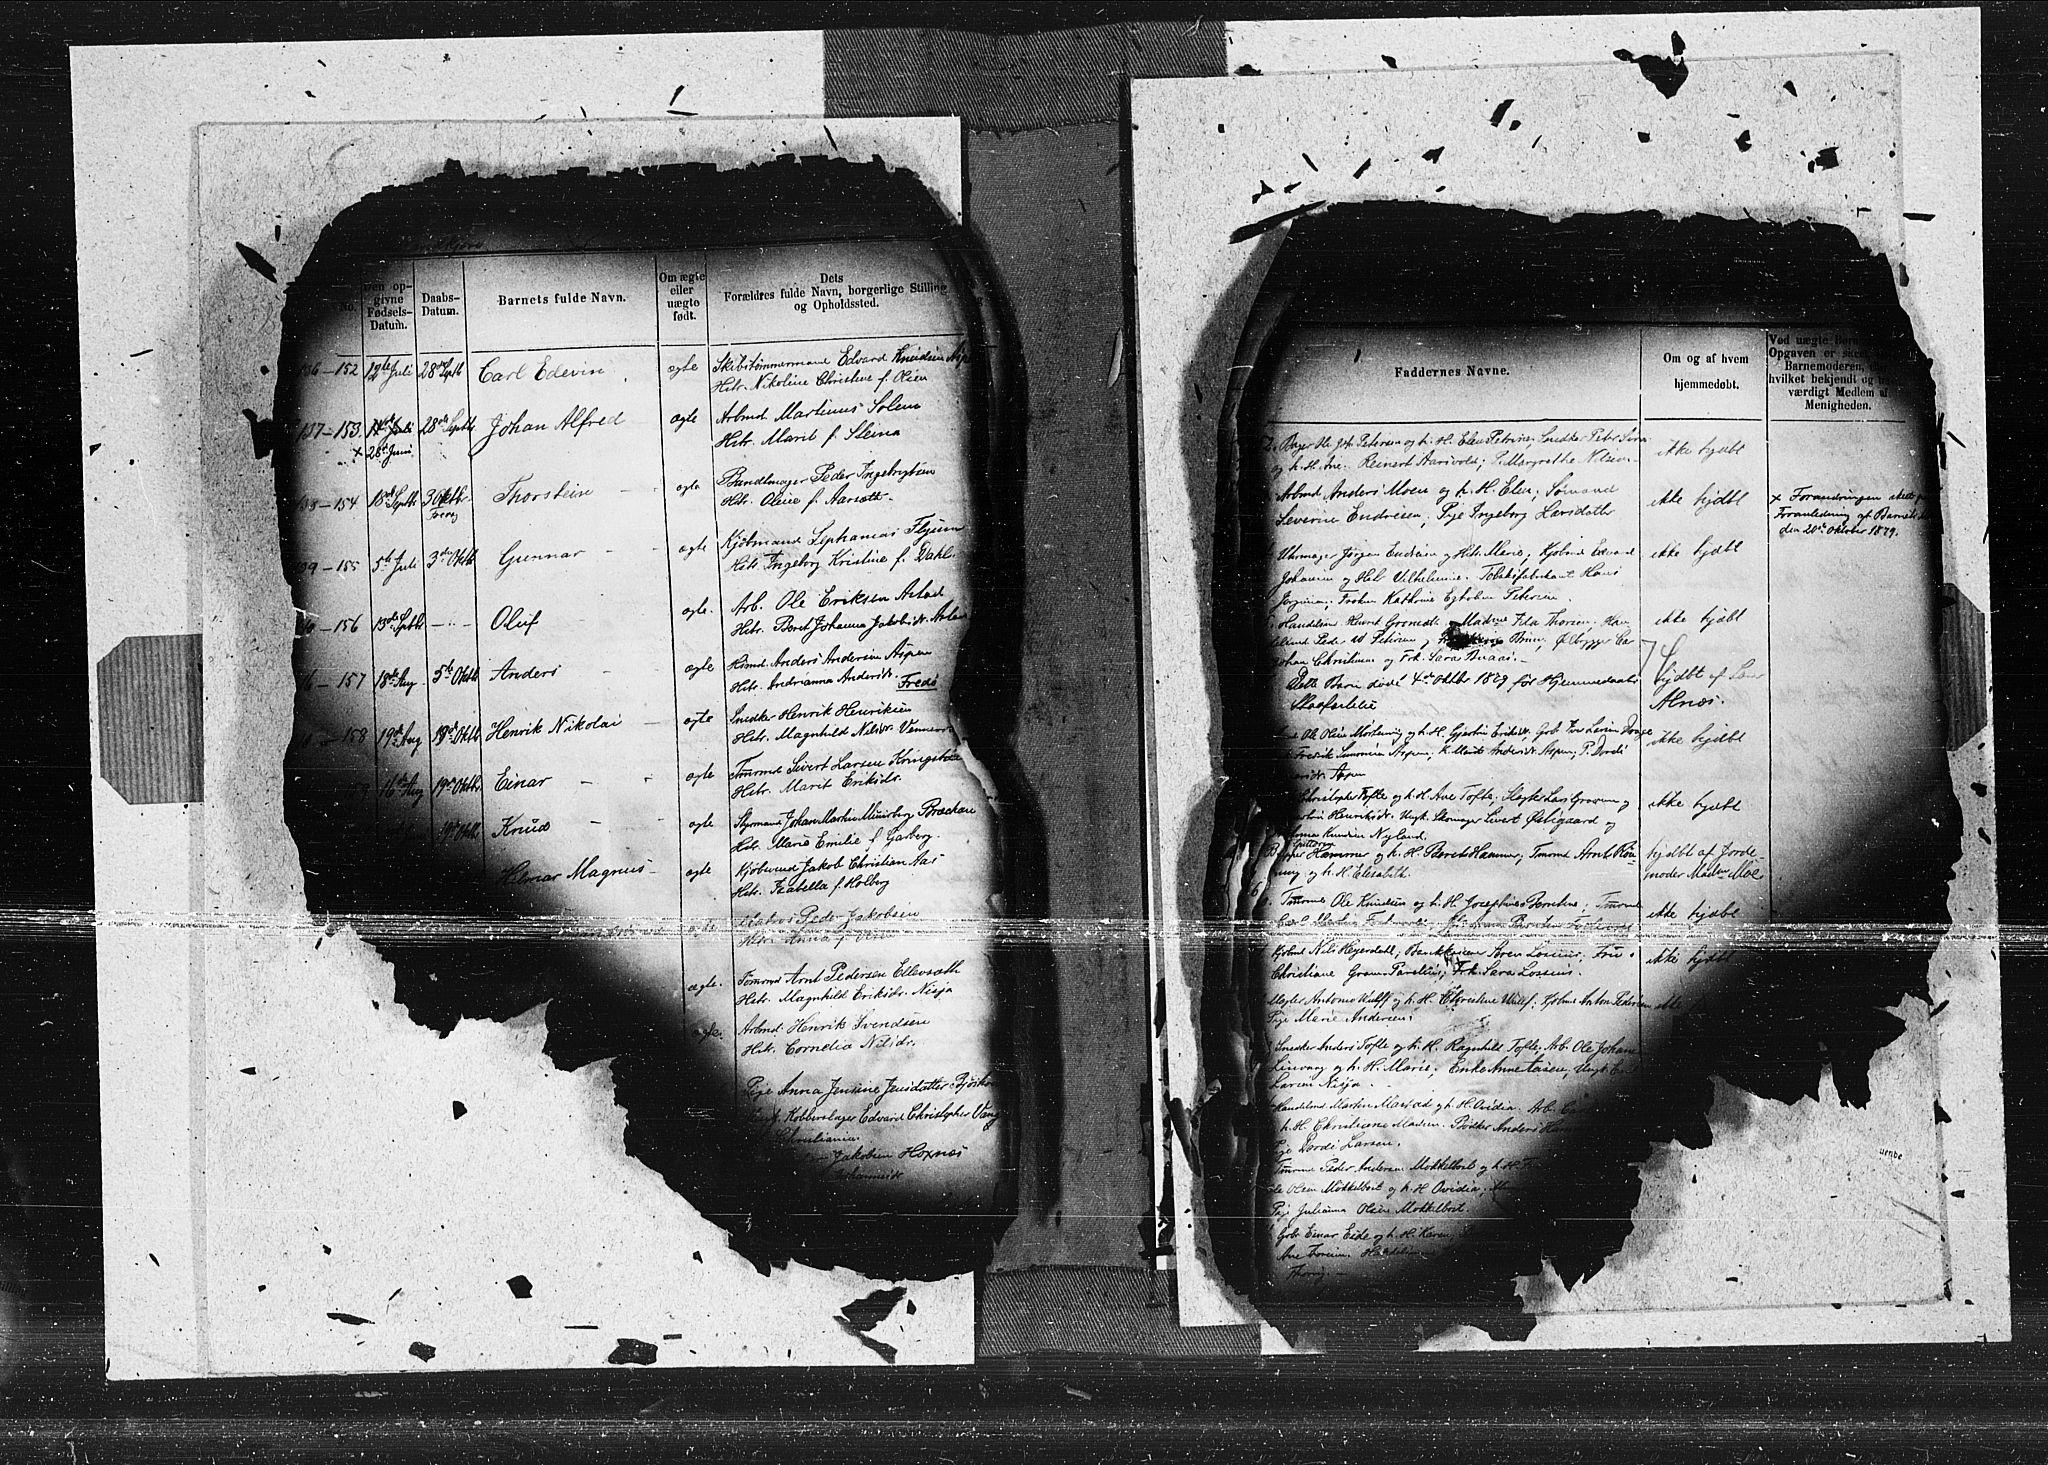 SAT, Ministerialprotokoller, klokkerbøker og fødselsregistre - Møre og Romsdal, 572/L0849: Ministerialbok nr. 572A12, 1877-1879, s. 74